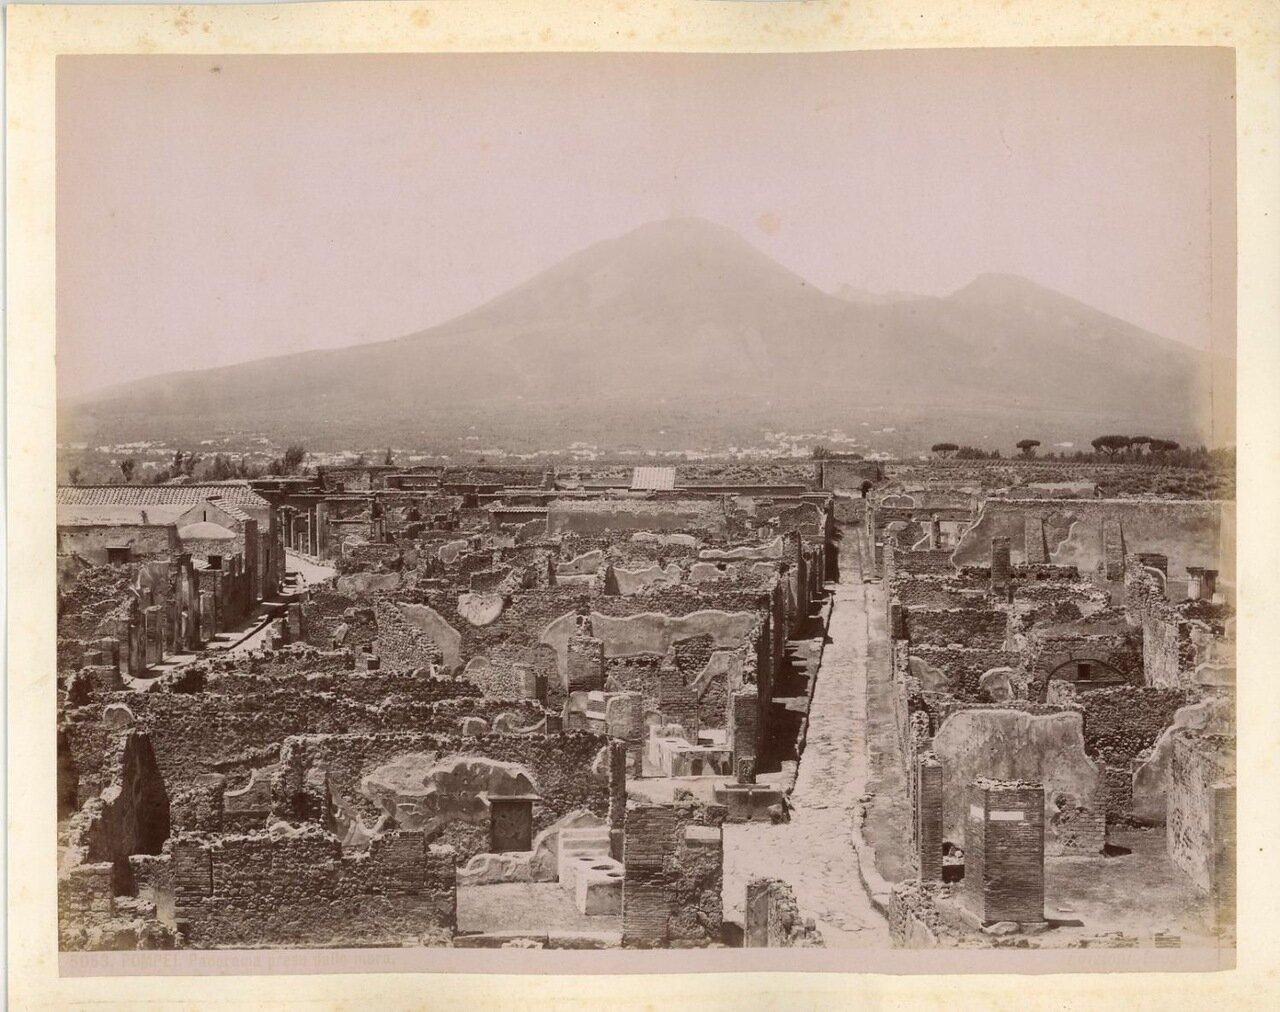 1875. Панорама города с видом Везувия